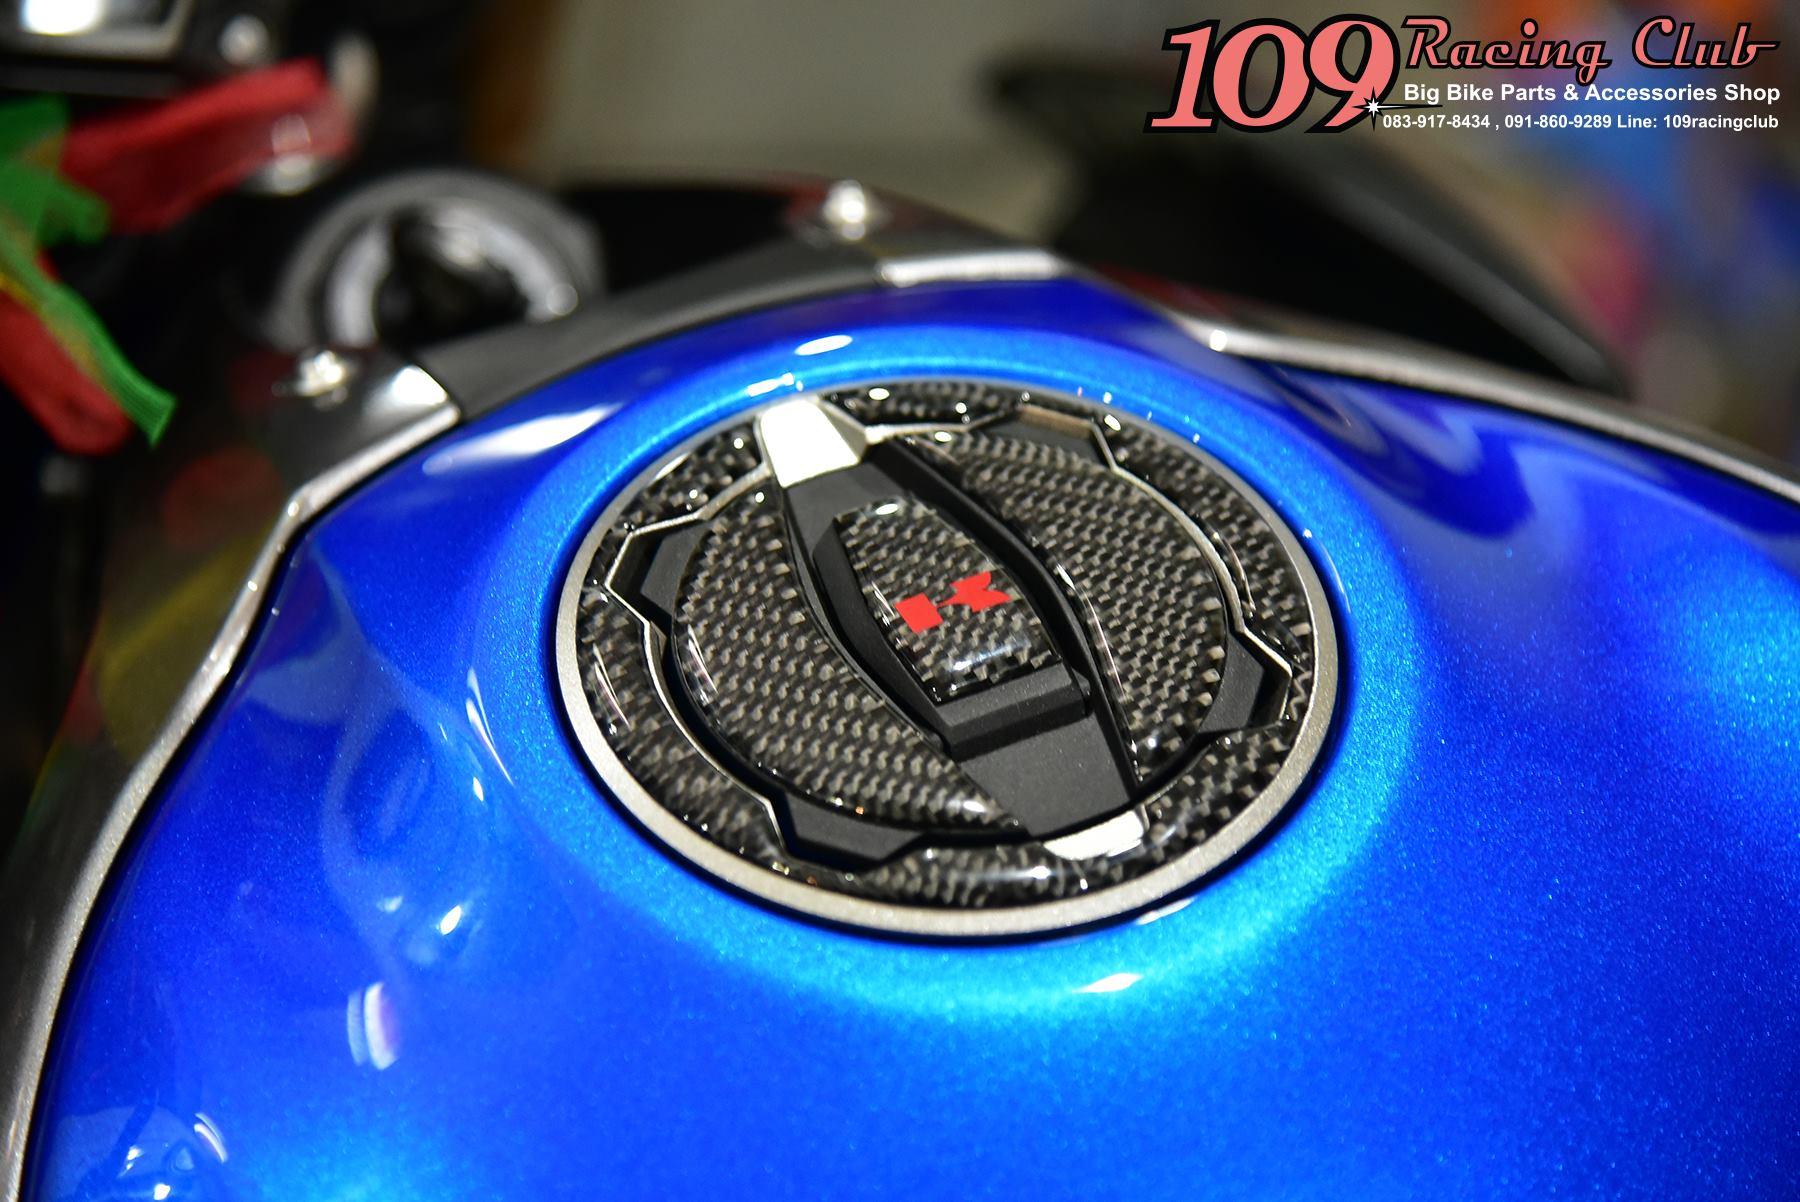 กันรอยฝาถัง คาร์บอนแท้ สำหรับ Z900 & Z650